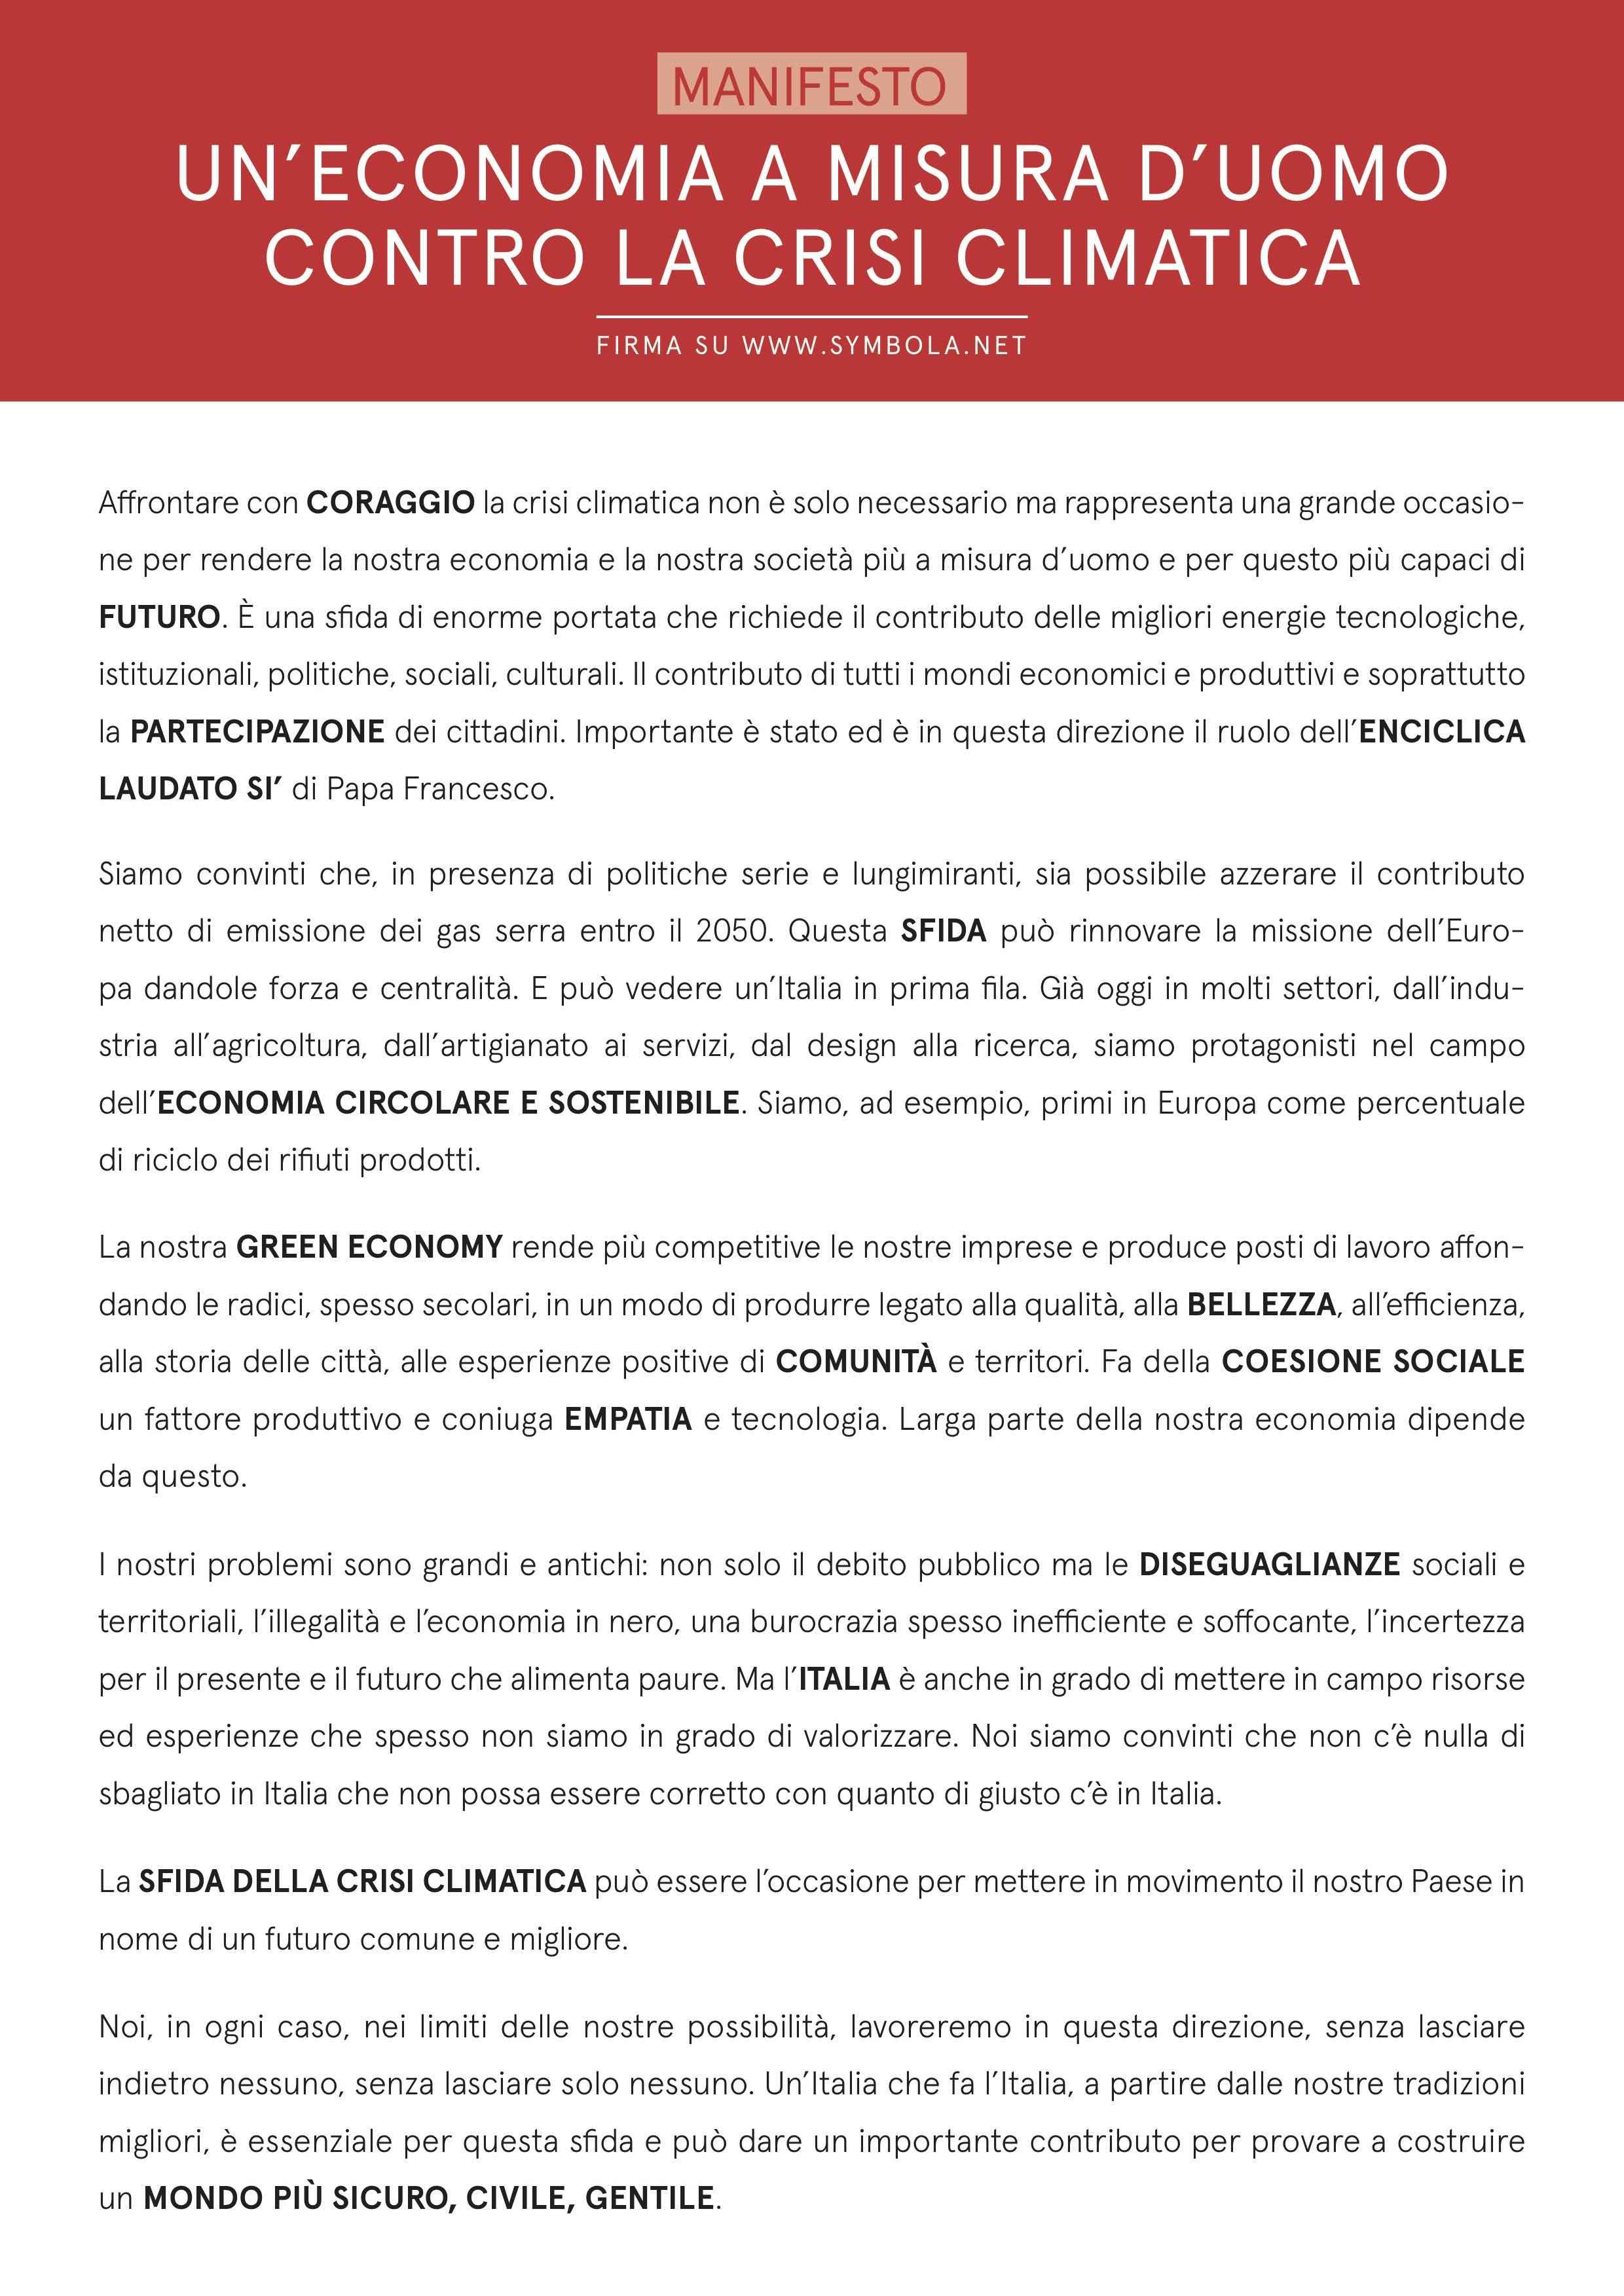 IL DISTRETTO DELL'ECONOMIA CIVILE E SOCIALE DELLA COMUNITA' MONTANA HA ADERITO AL MANIFESTO DI ASSISI